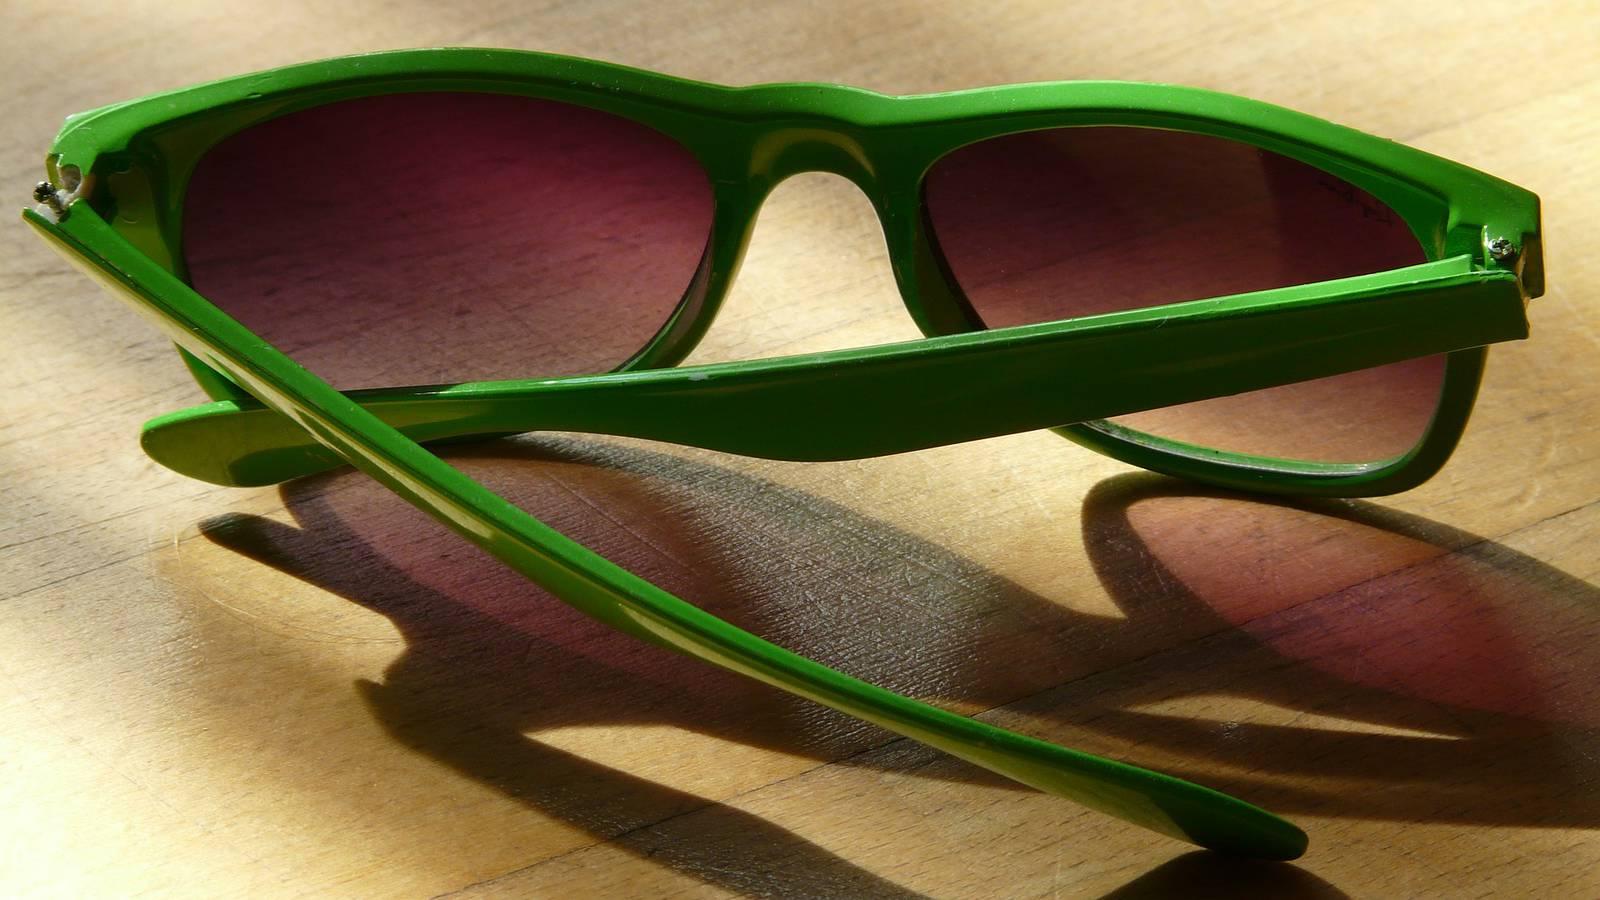 Platz 10: Die Sonnenbrille darf in keinem Urlaub fehlen. Doch den Weg nach Hause findet sie nicht immer. (© Pixabay)